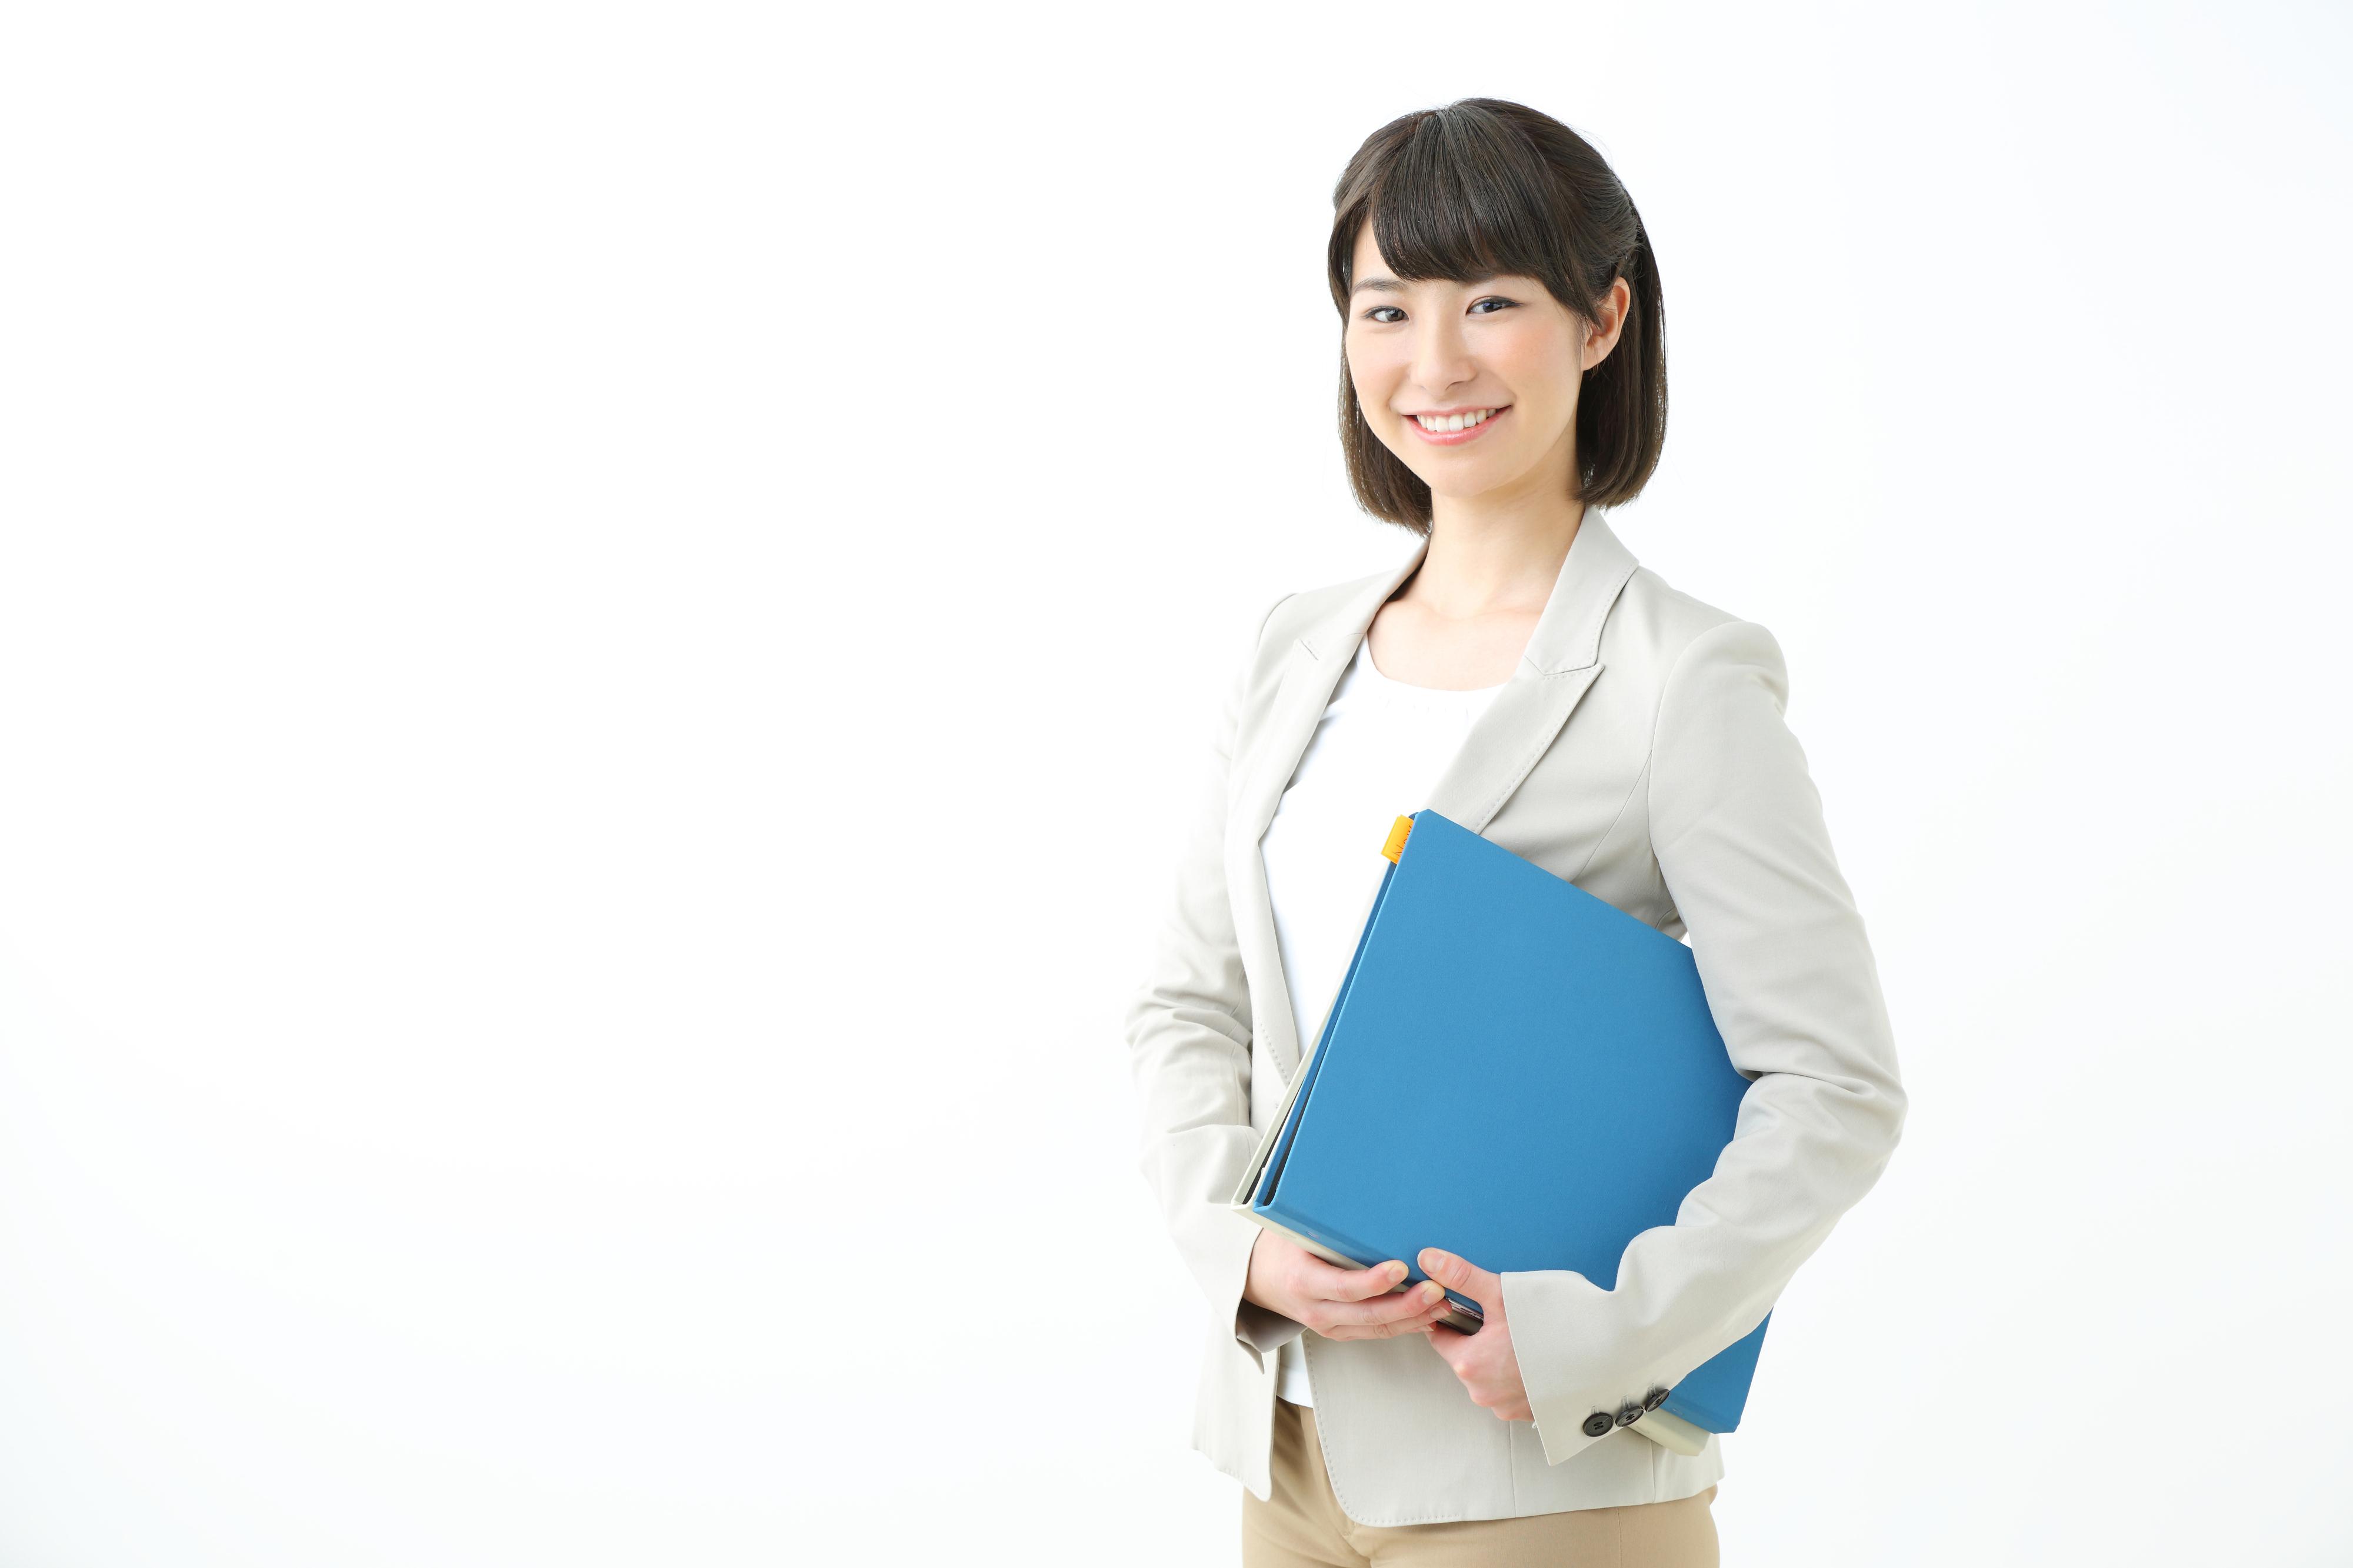 【7月~】17時定時!4名募集!伏見駅大手製造業営業事務!(No.11596)